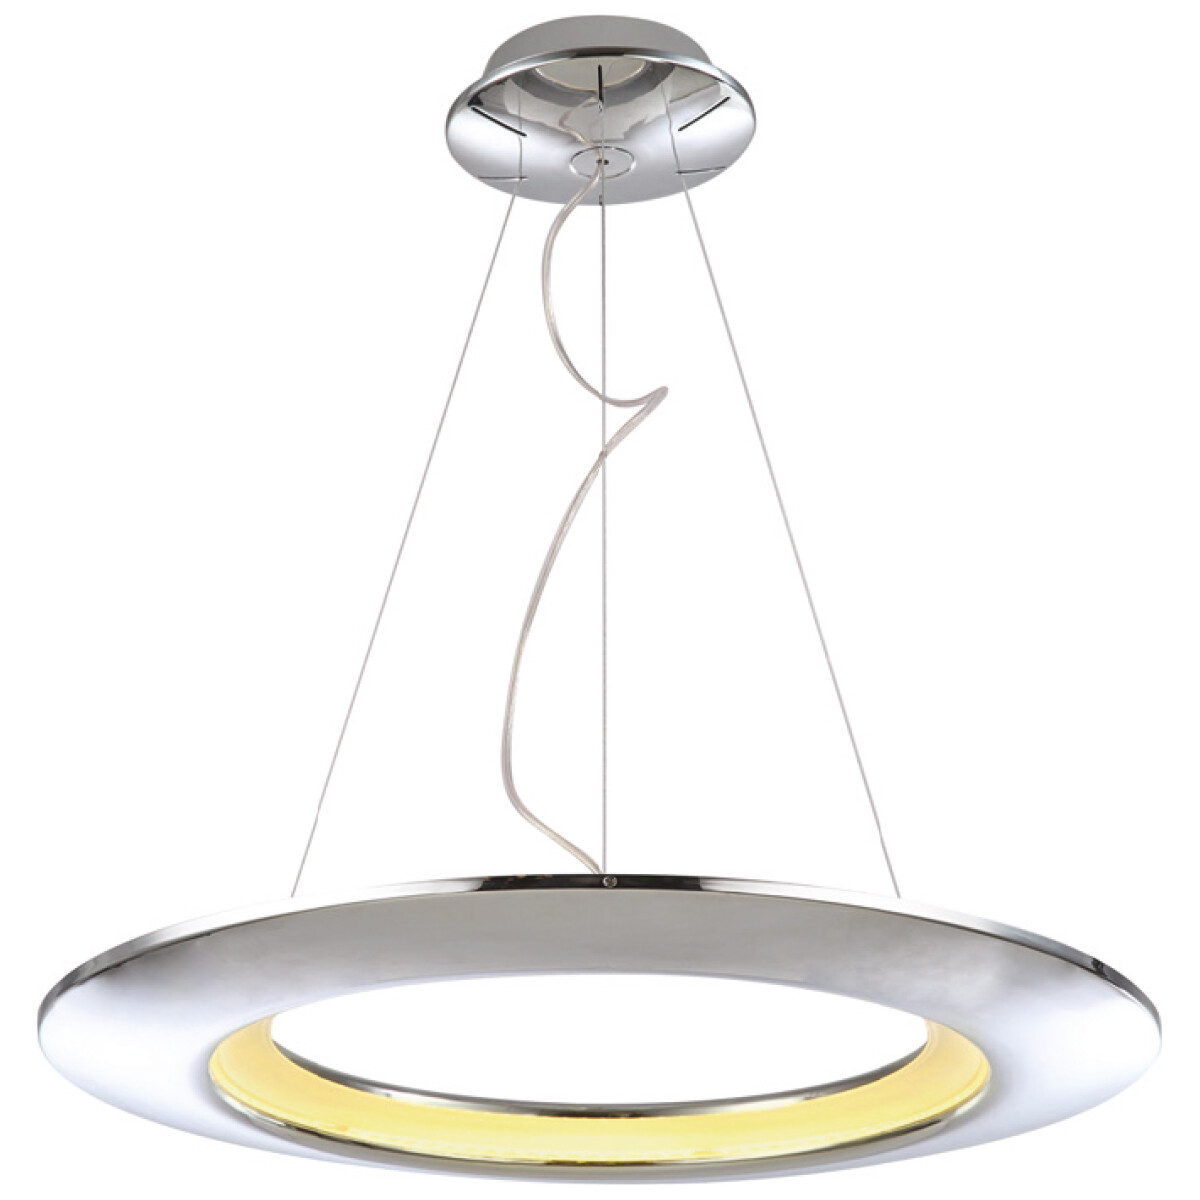 LED Hanglamp - Hangverlichting - Concepty - 35W - Natuurlijk Wit 4000K - Chroom Aluminium